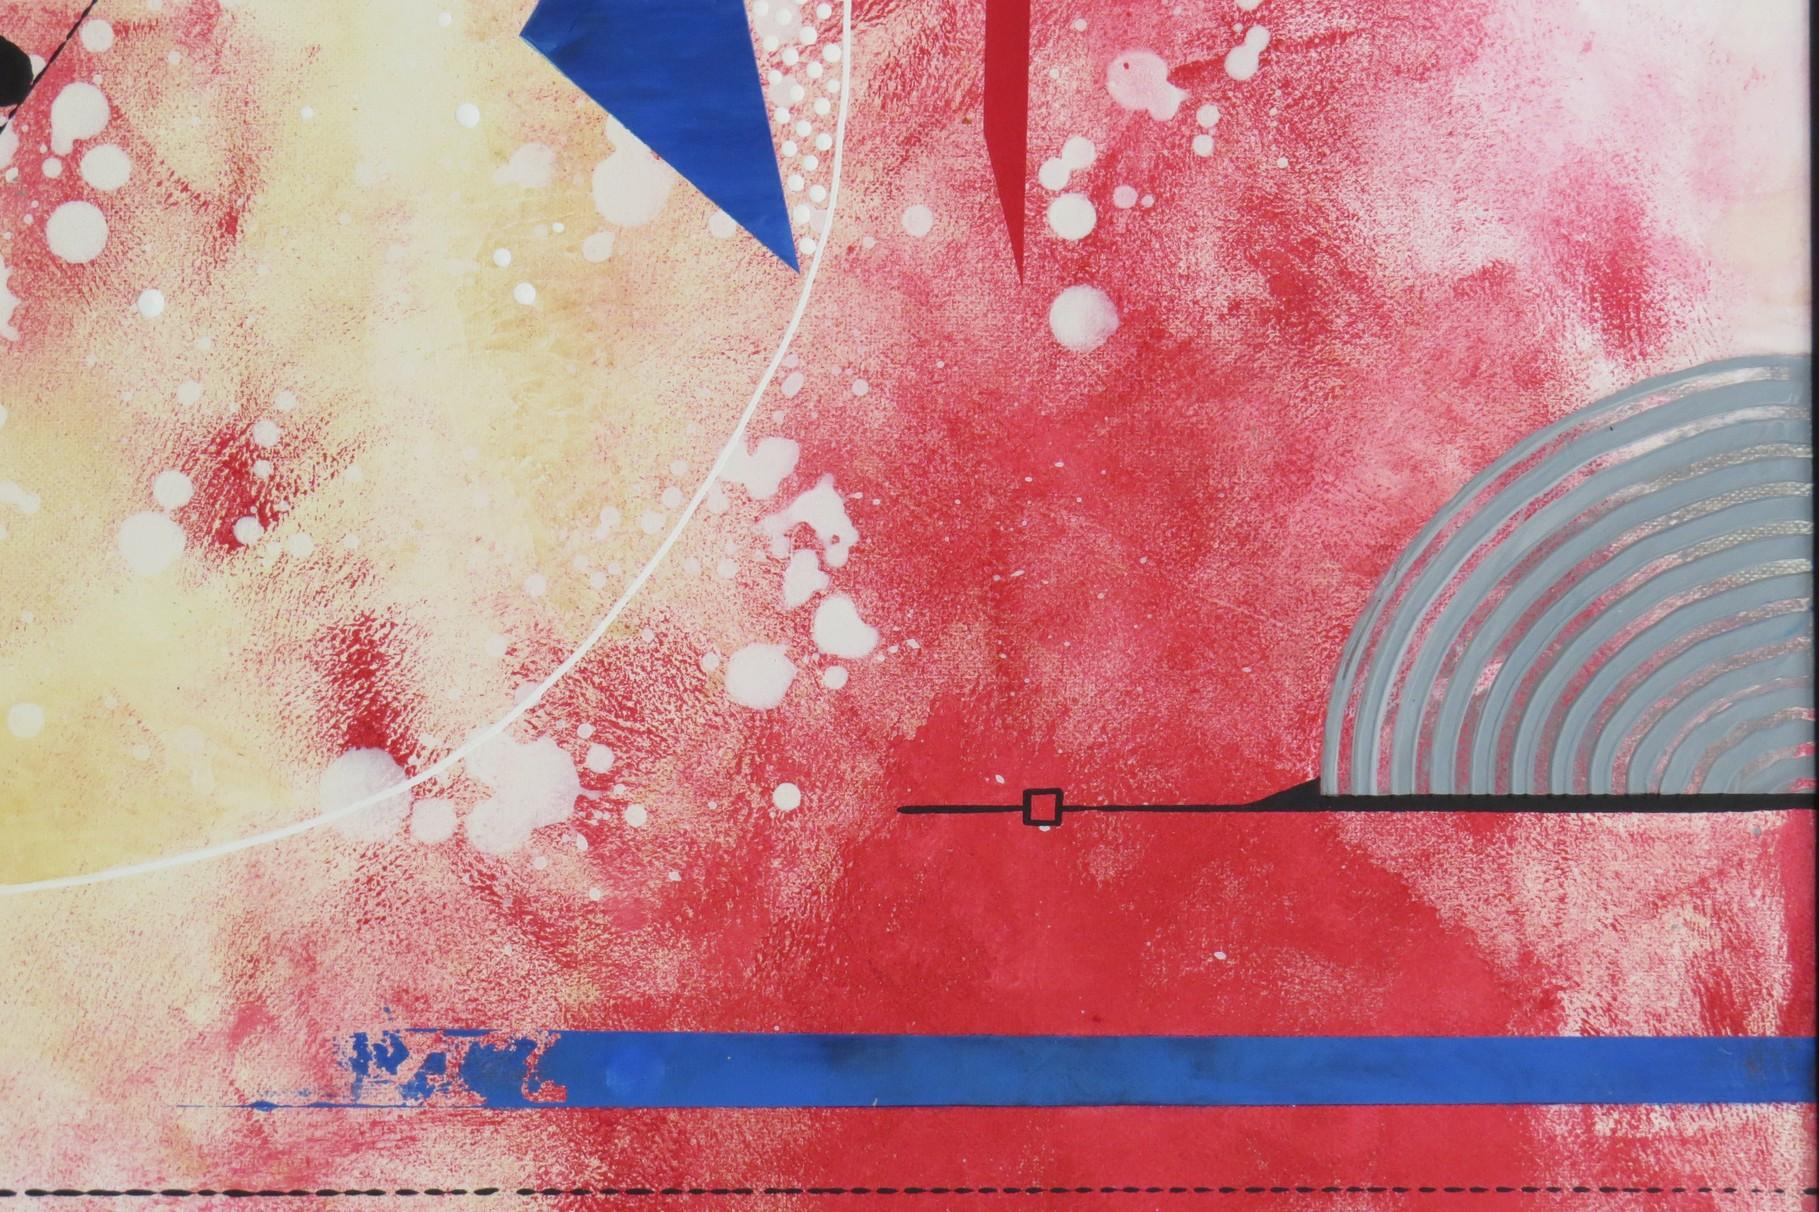 voie de l'art. zoom 3. tableau. abstrait. abstraction